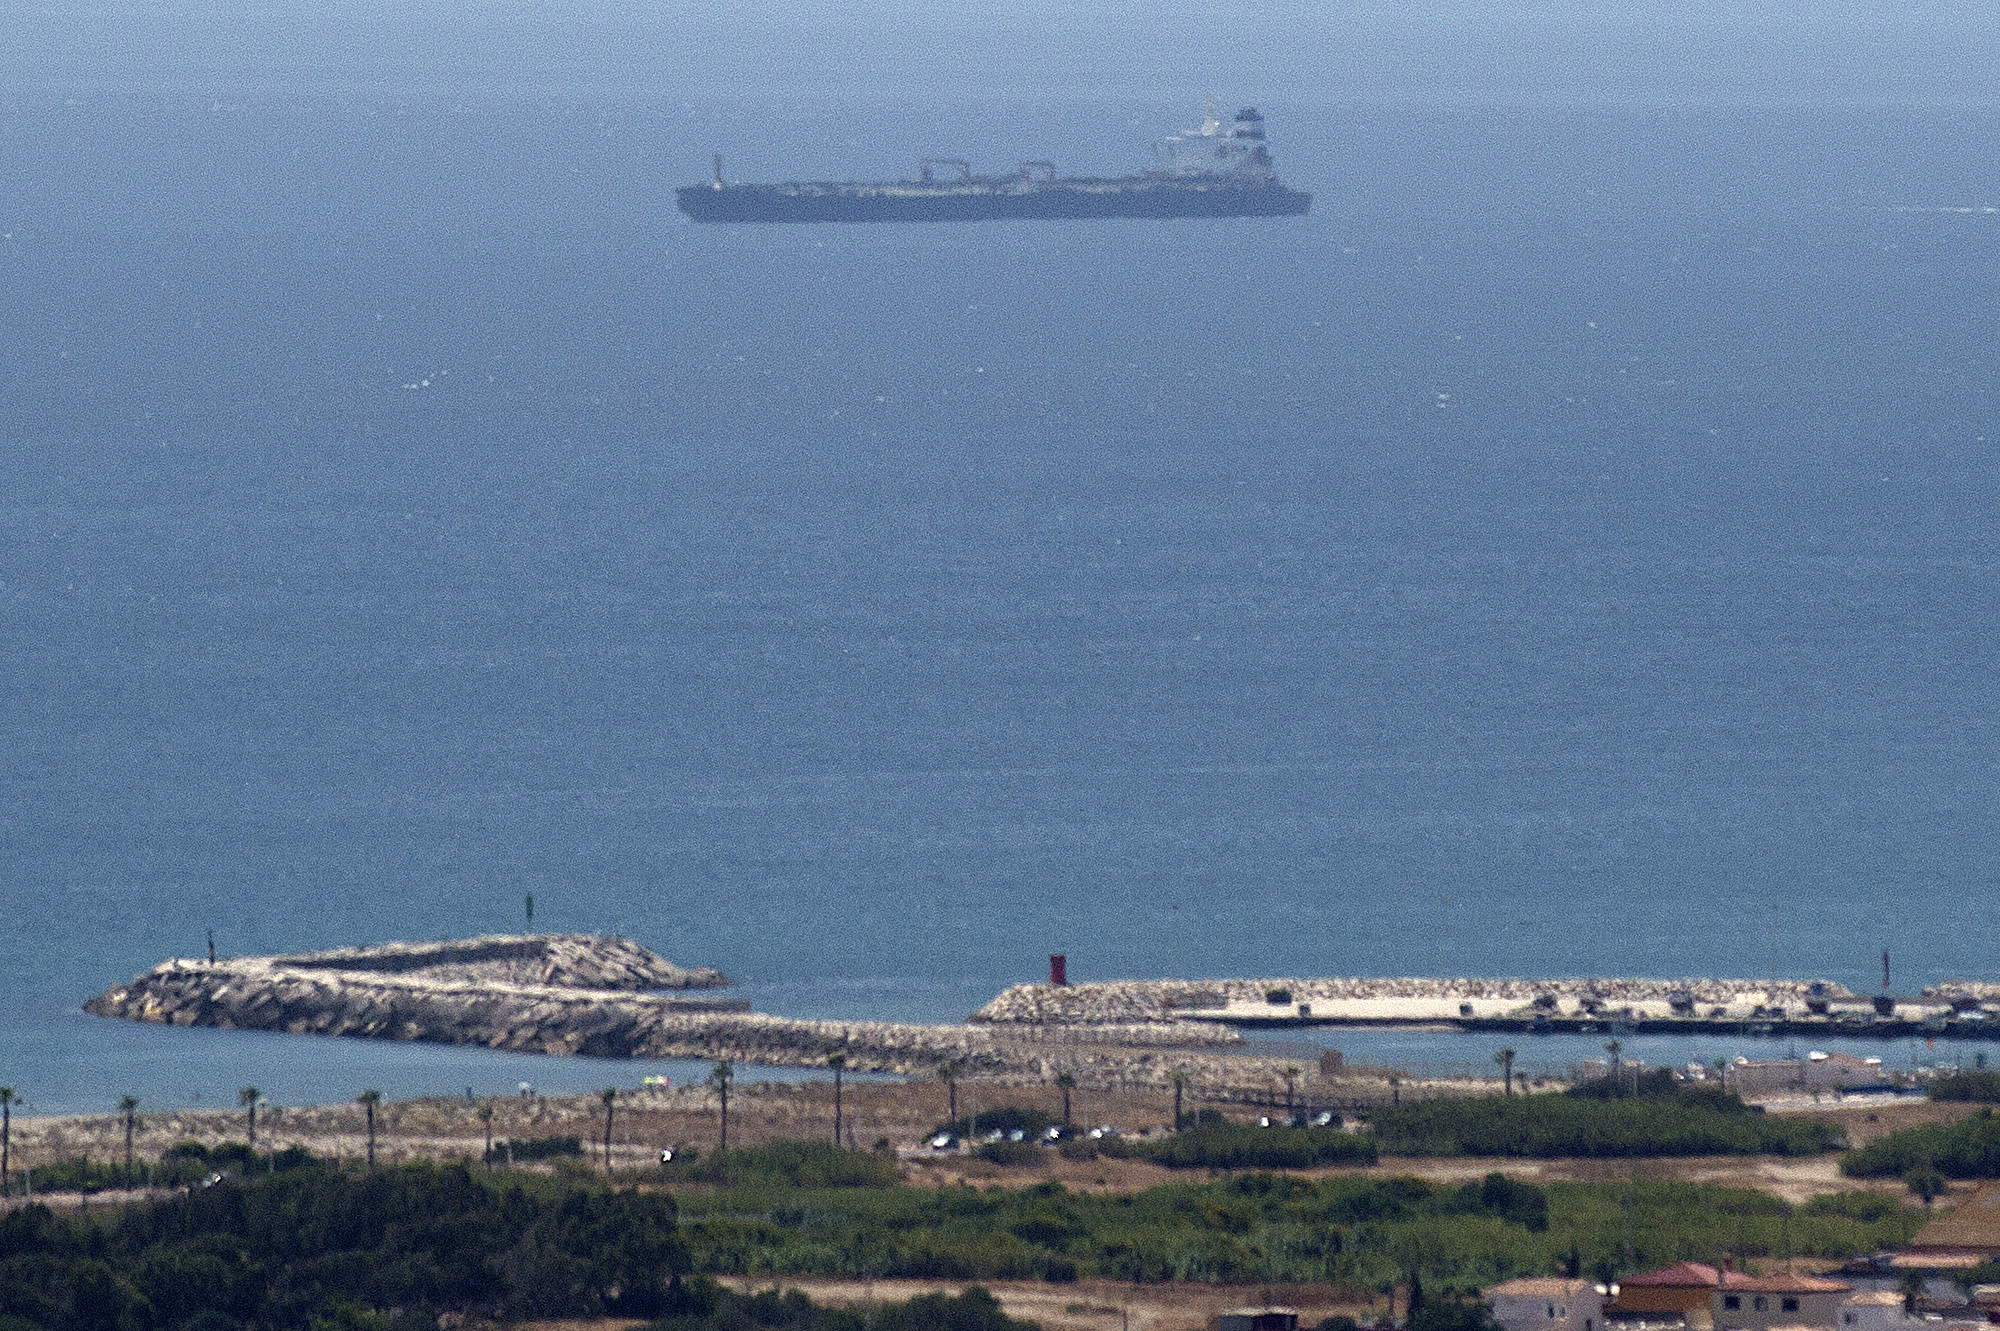 超級油輪「格雷斯1號」(Grace 1)涉嫌違反歐盟制裁,在直布羅陀被扣。(JORGE GUERRERO/AFP)